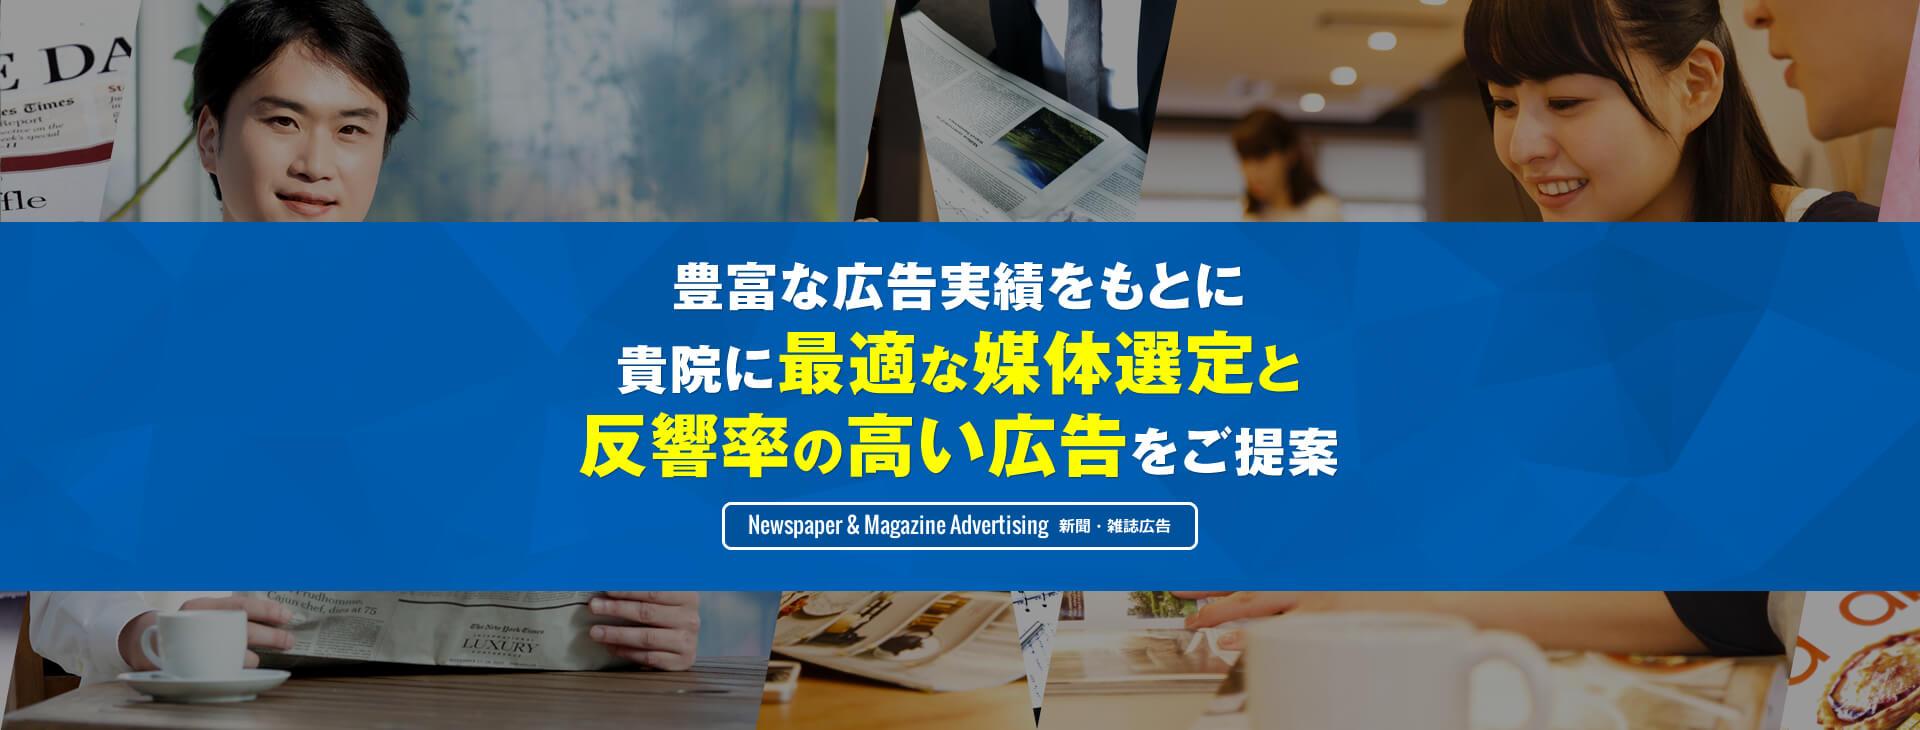 新聞・雑誌広告